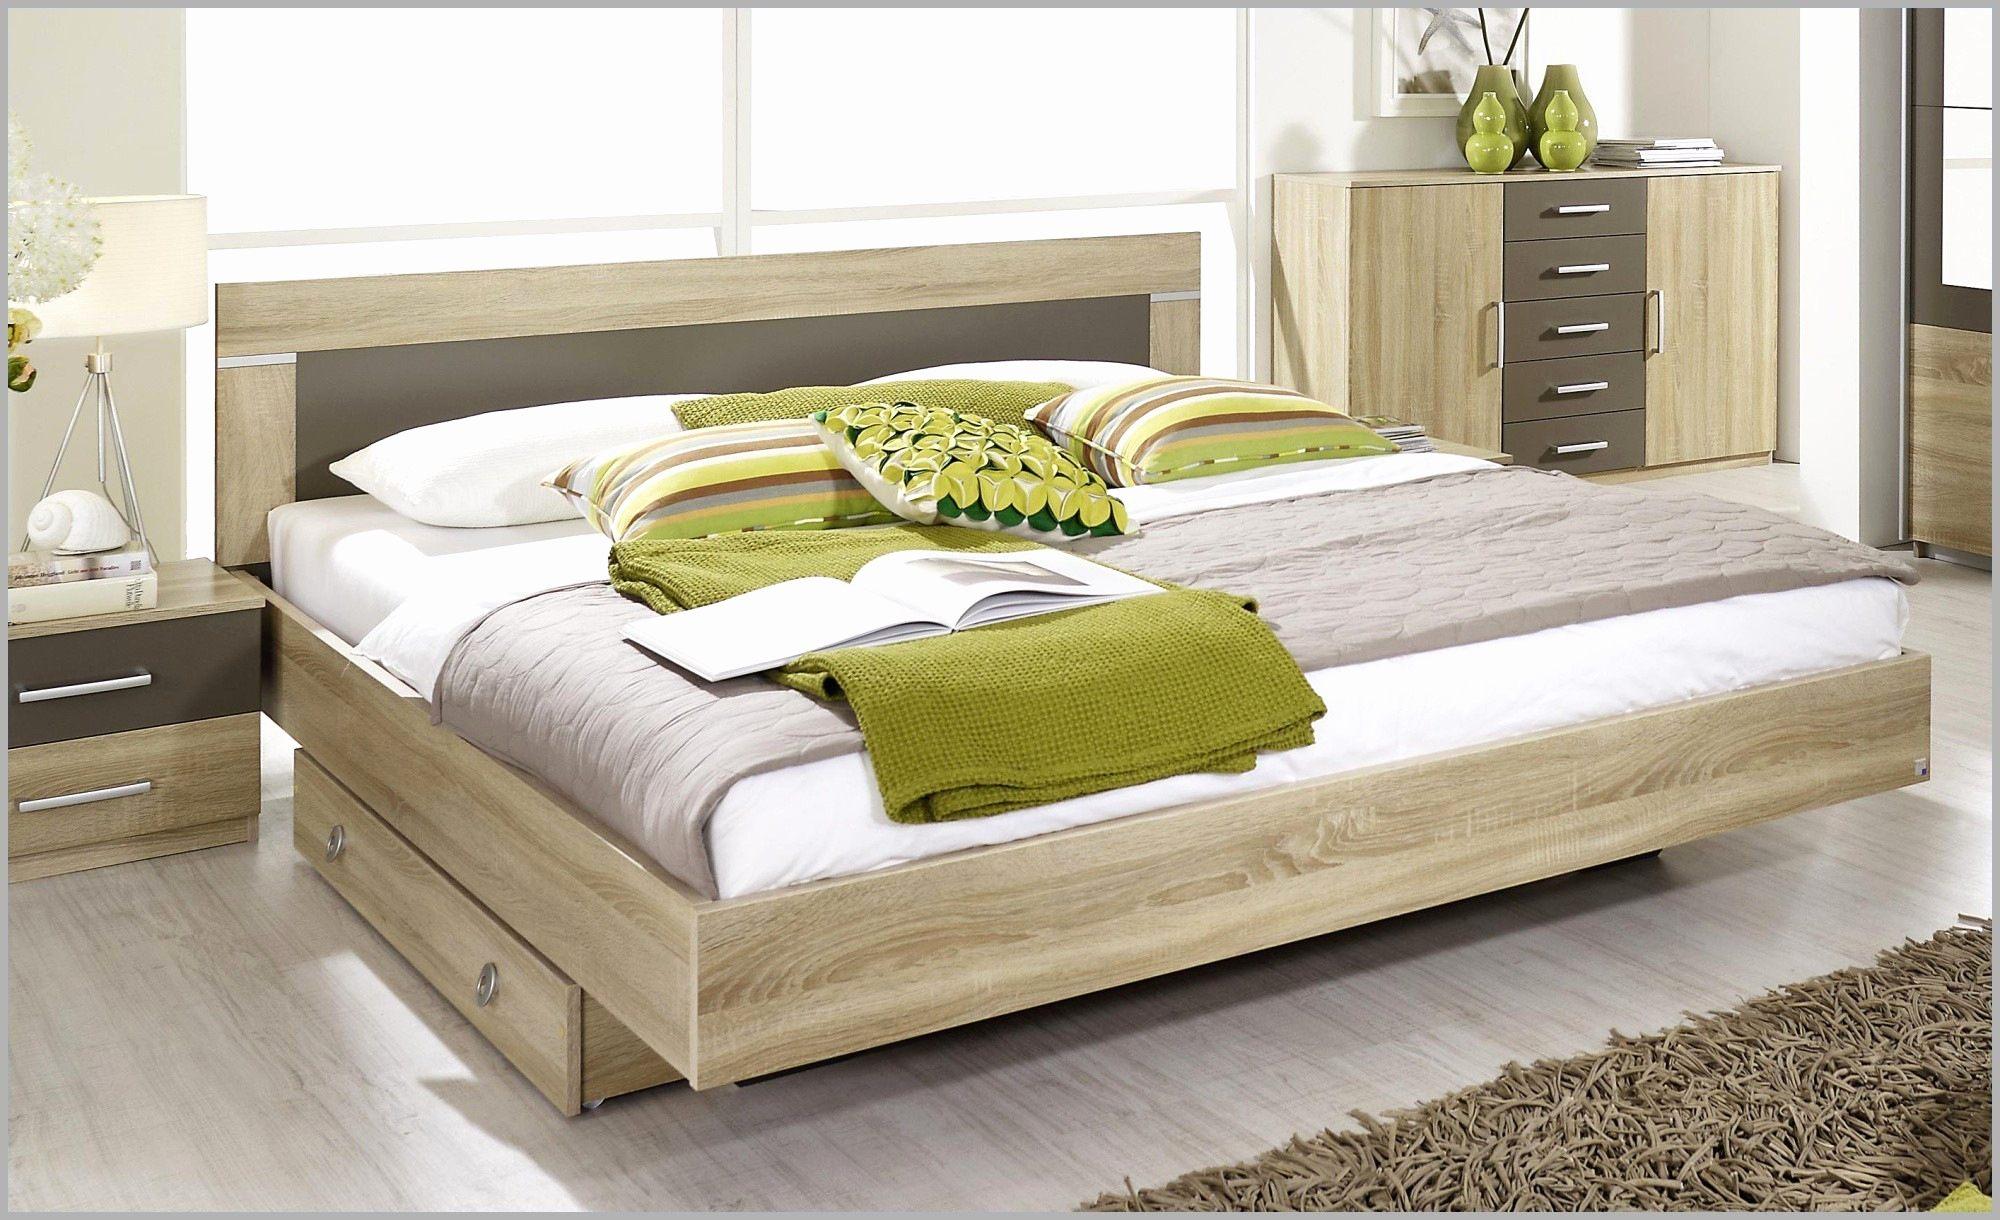 Lit 140 Rangement Charmant Lit 140 Rangement Meilleur Ikea Tete De Lit 160 Inspirant Tete De